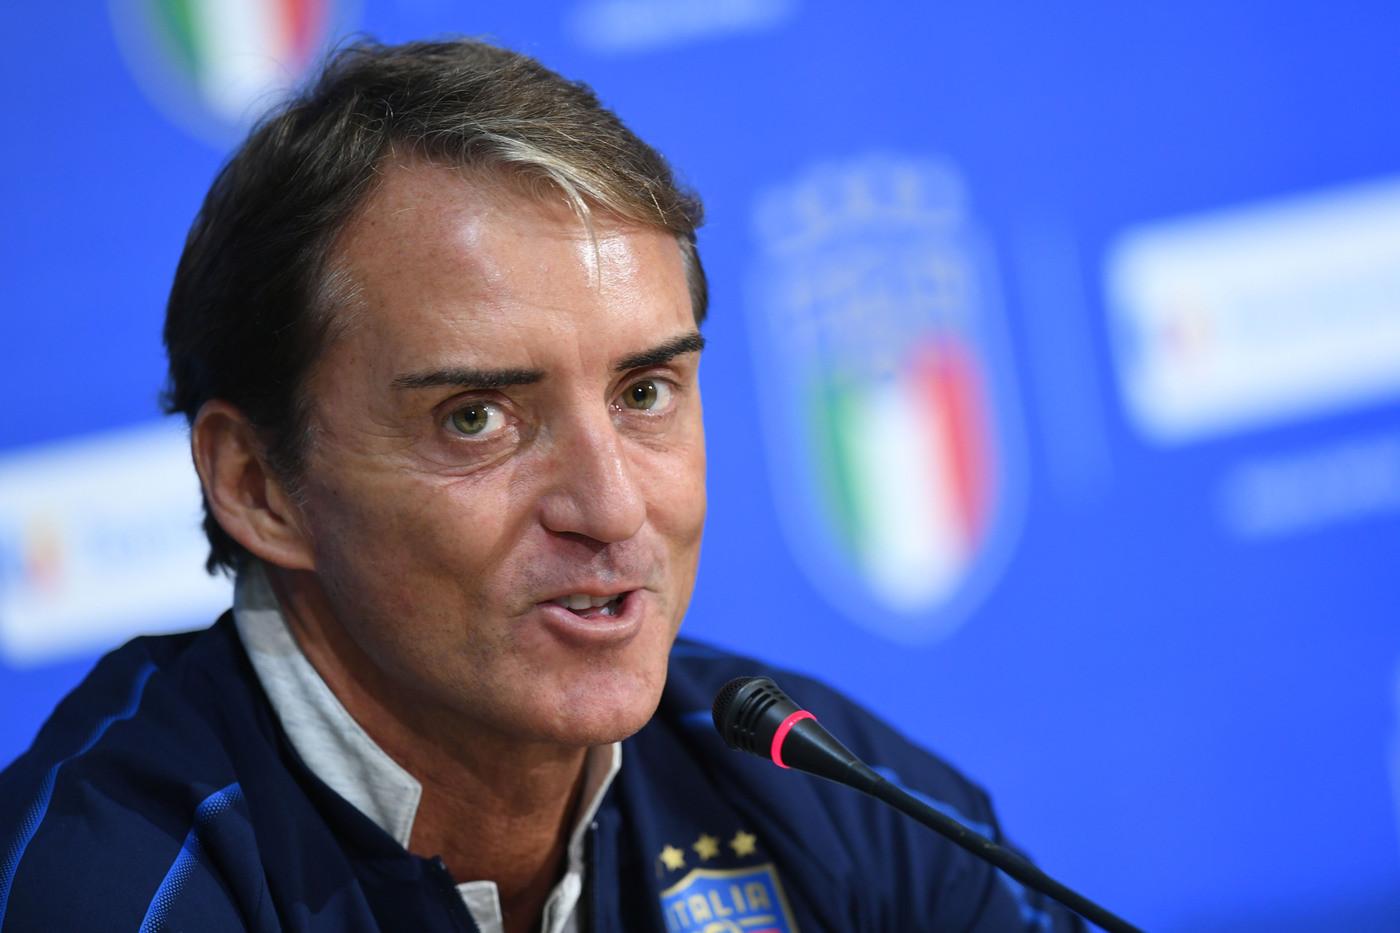 Nazionale, Mancini studia le mosse verso Europeo